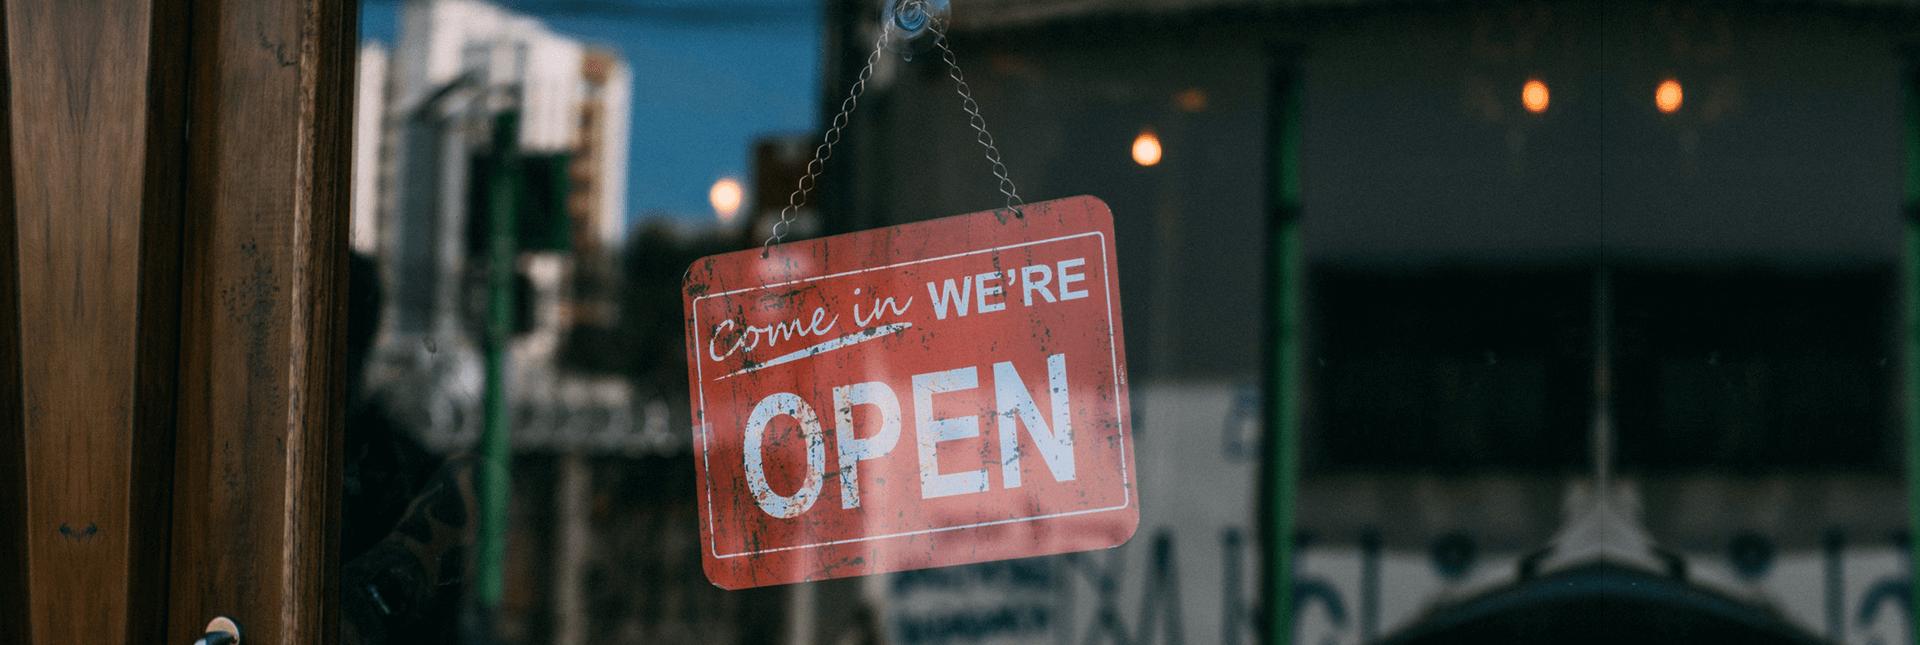 Buy Joomla & OpenCart Extensions | Wordpress Plugins Online